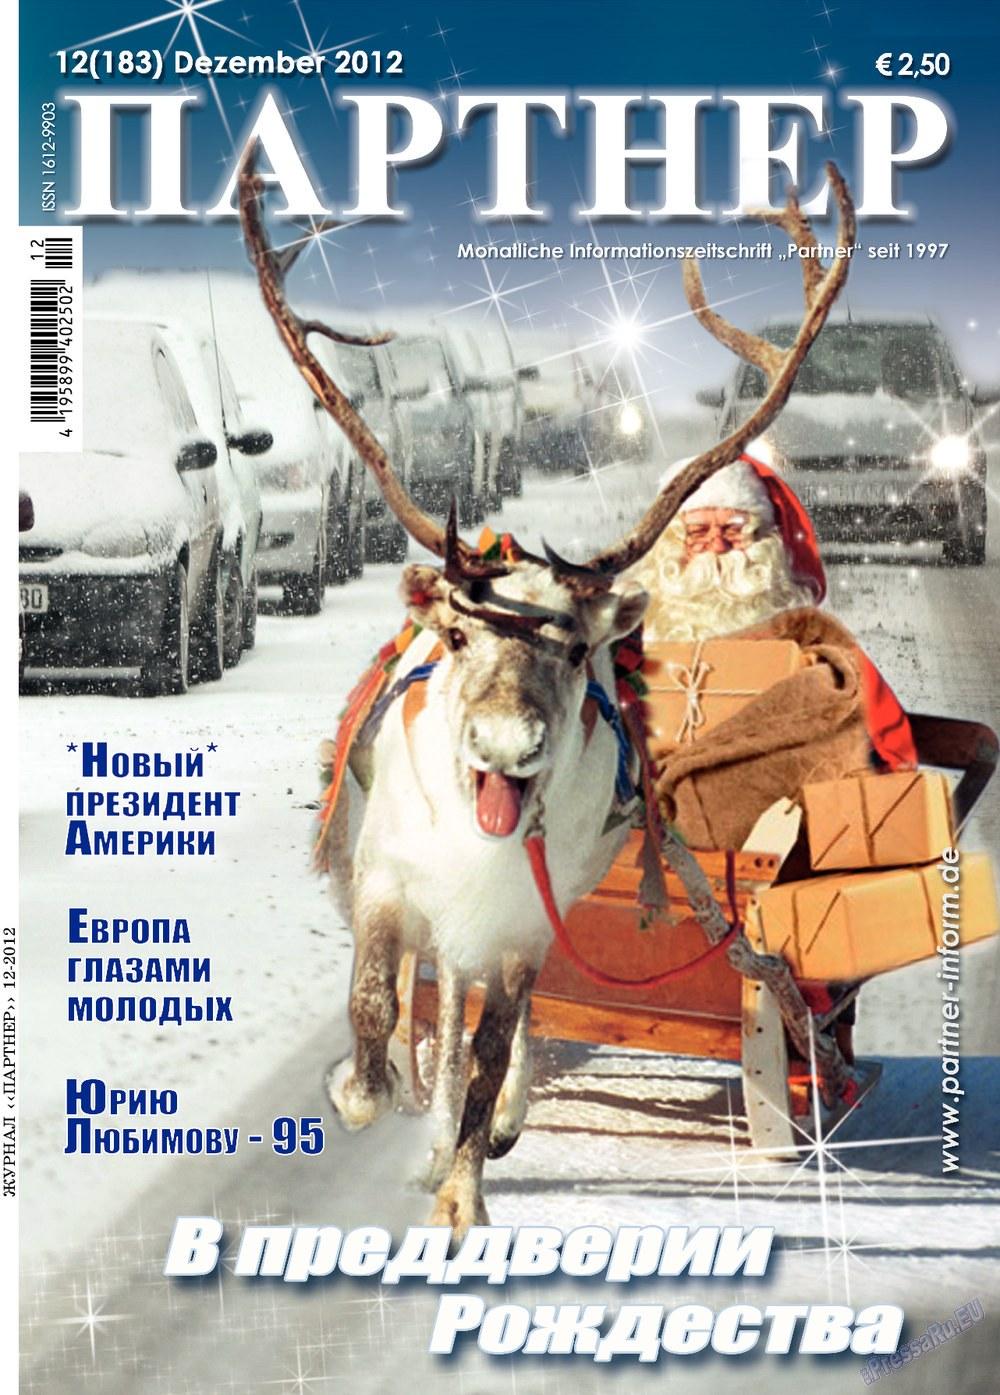 Партнер (журнал). 2012 год, номер 12, стр. 1